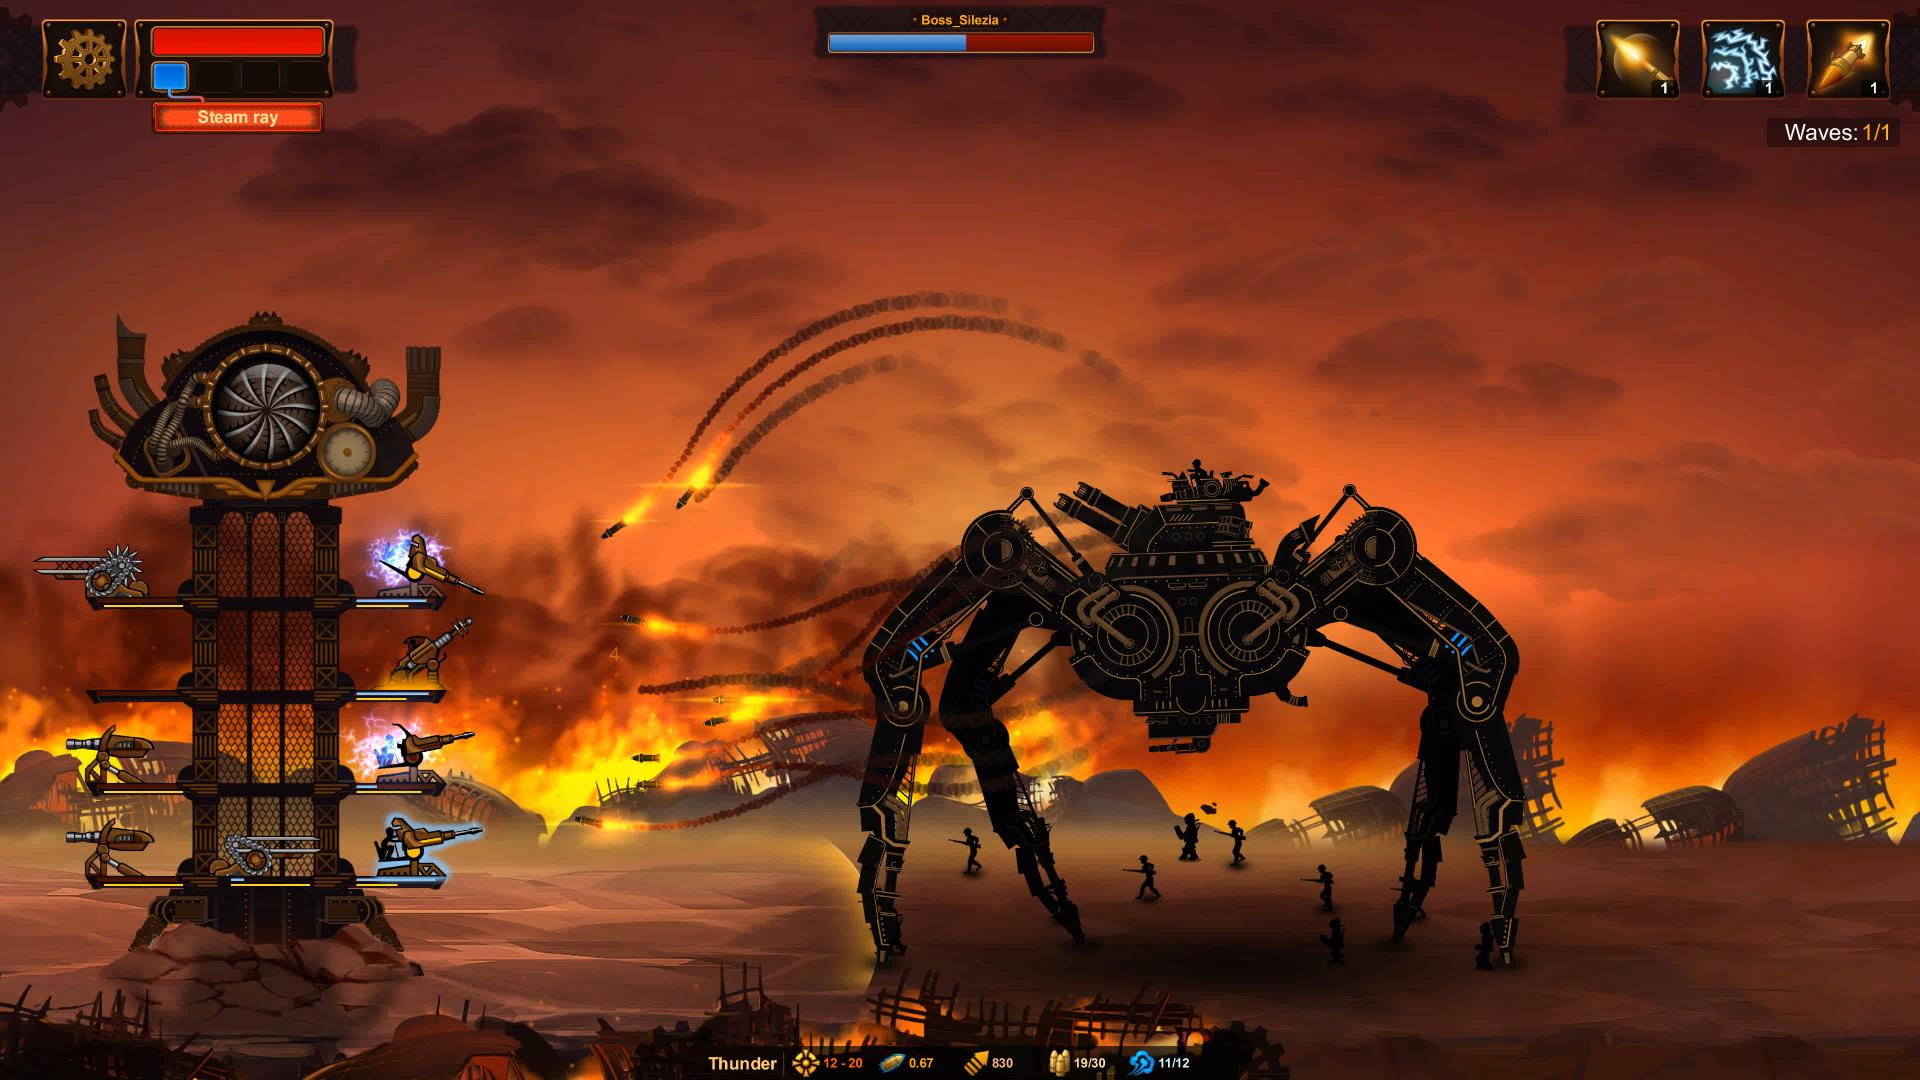 Steampunk Tower 2 screenshot